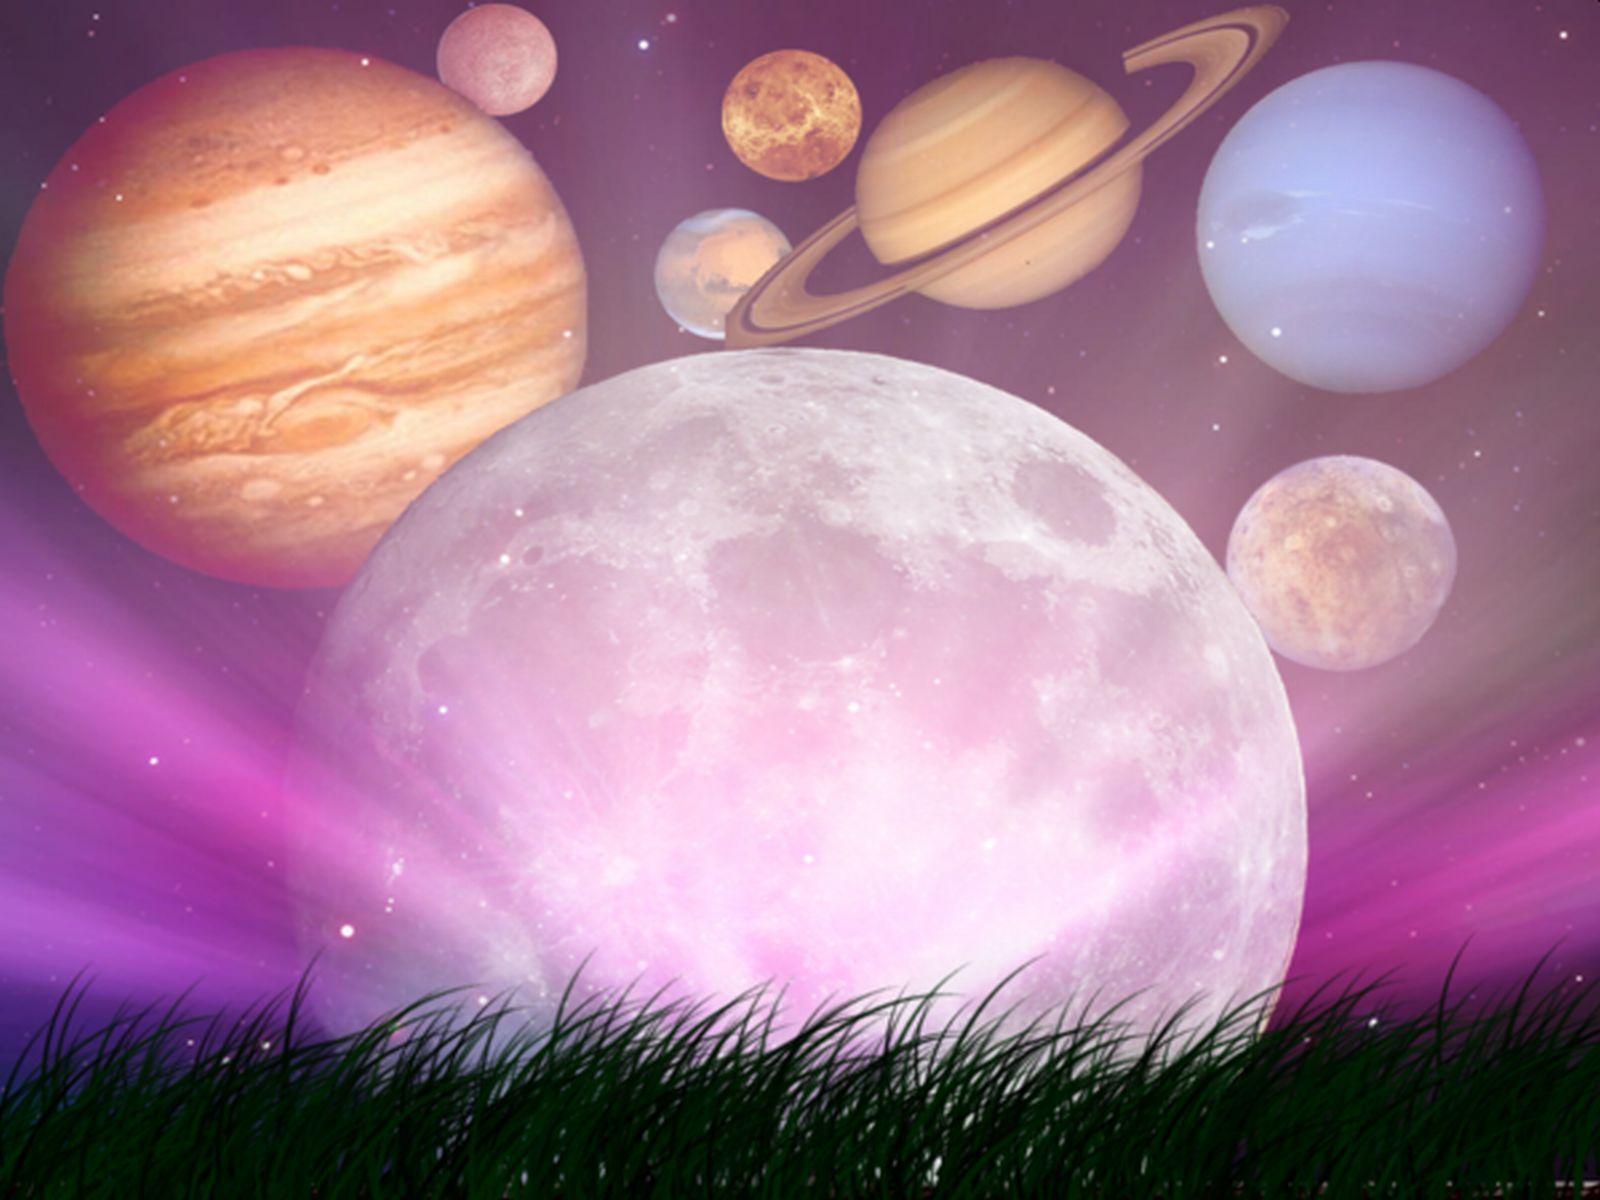 некоторых групп красивые картинки парад планет шампиньоны нарезаем небольшими